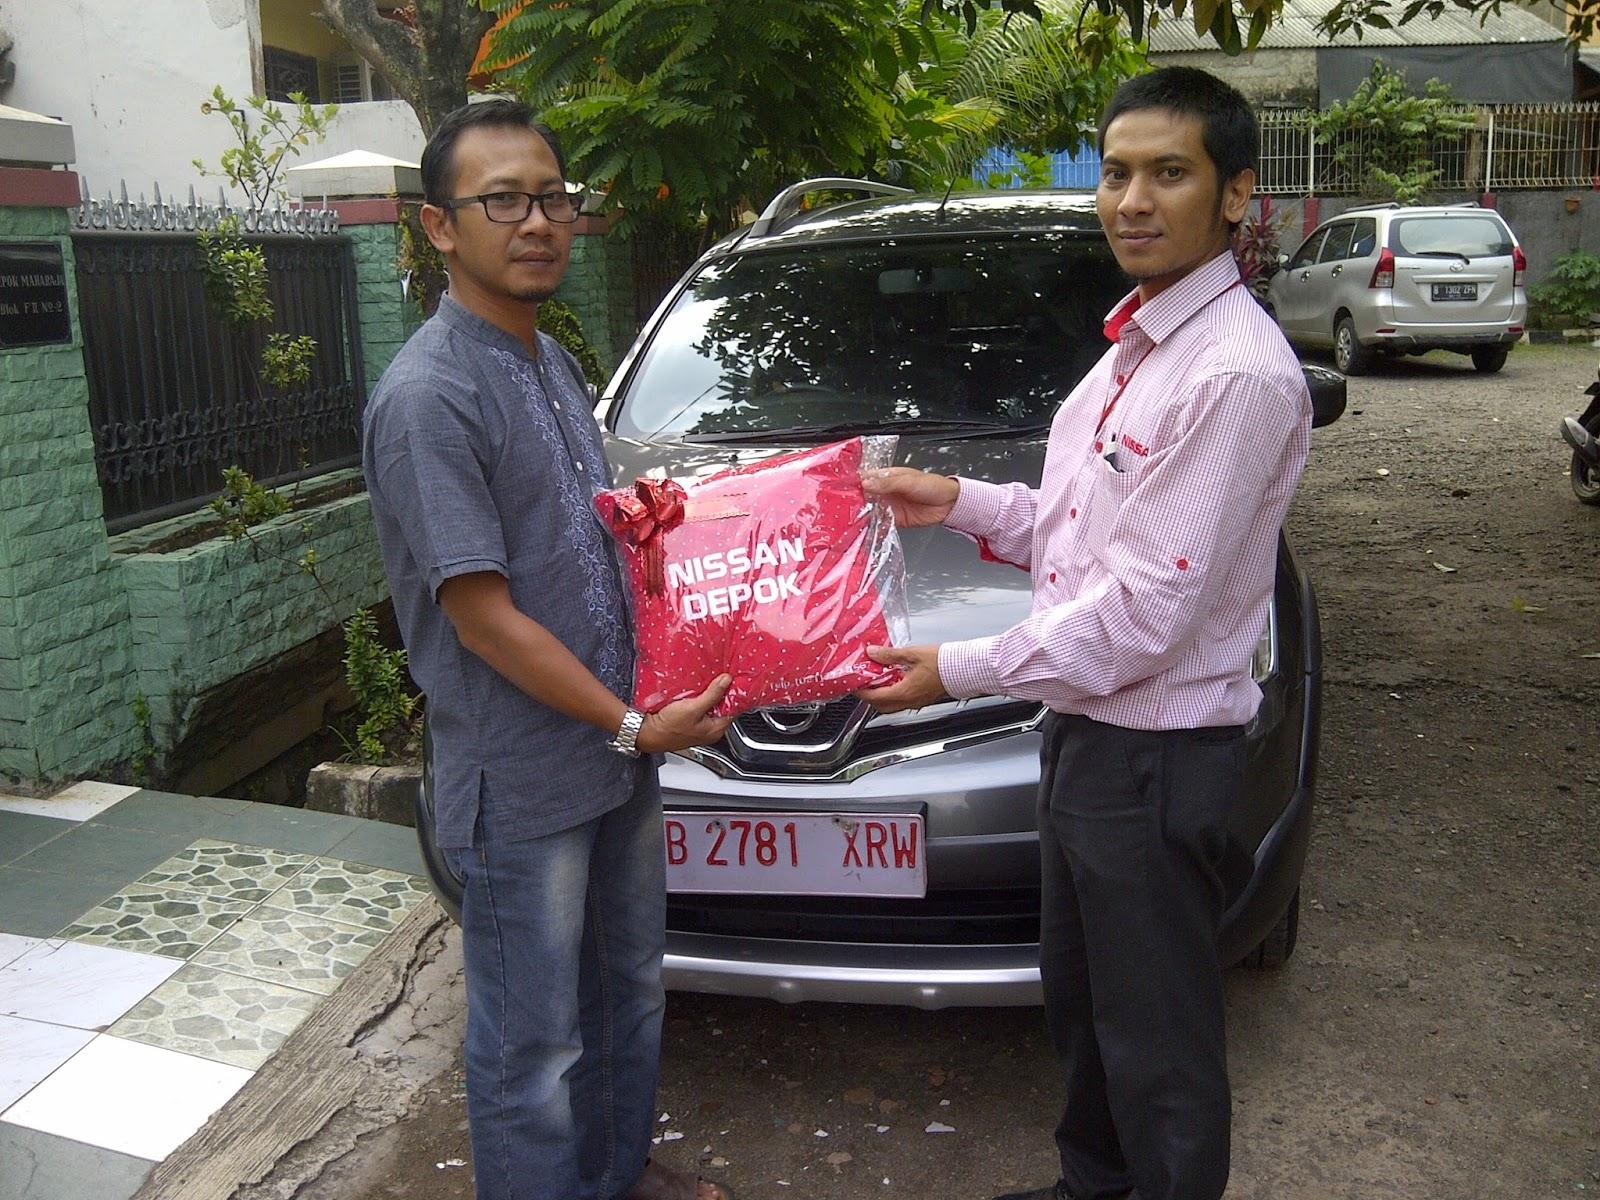 Terimakasih atas kepercayaan Pak Hery & Bu Mila yg telah membeli Nissan GL Xgear melalui media www.touchnissan.com.  Semoga Berkah ya Pak...